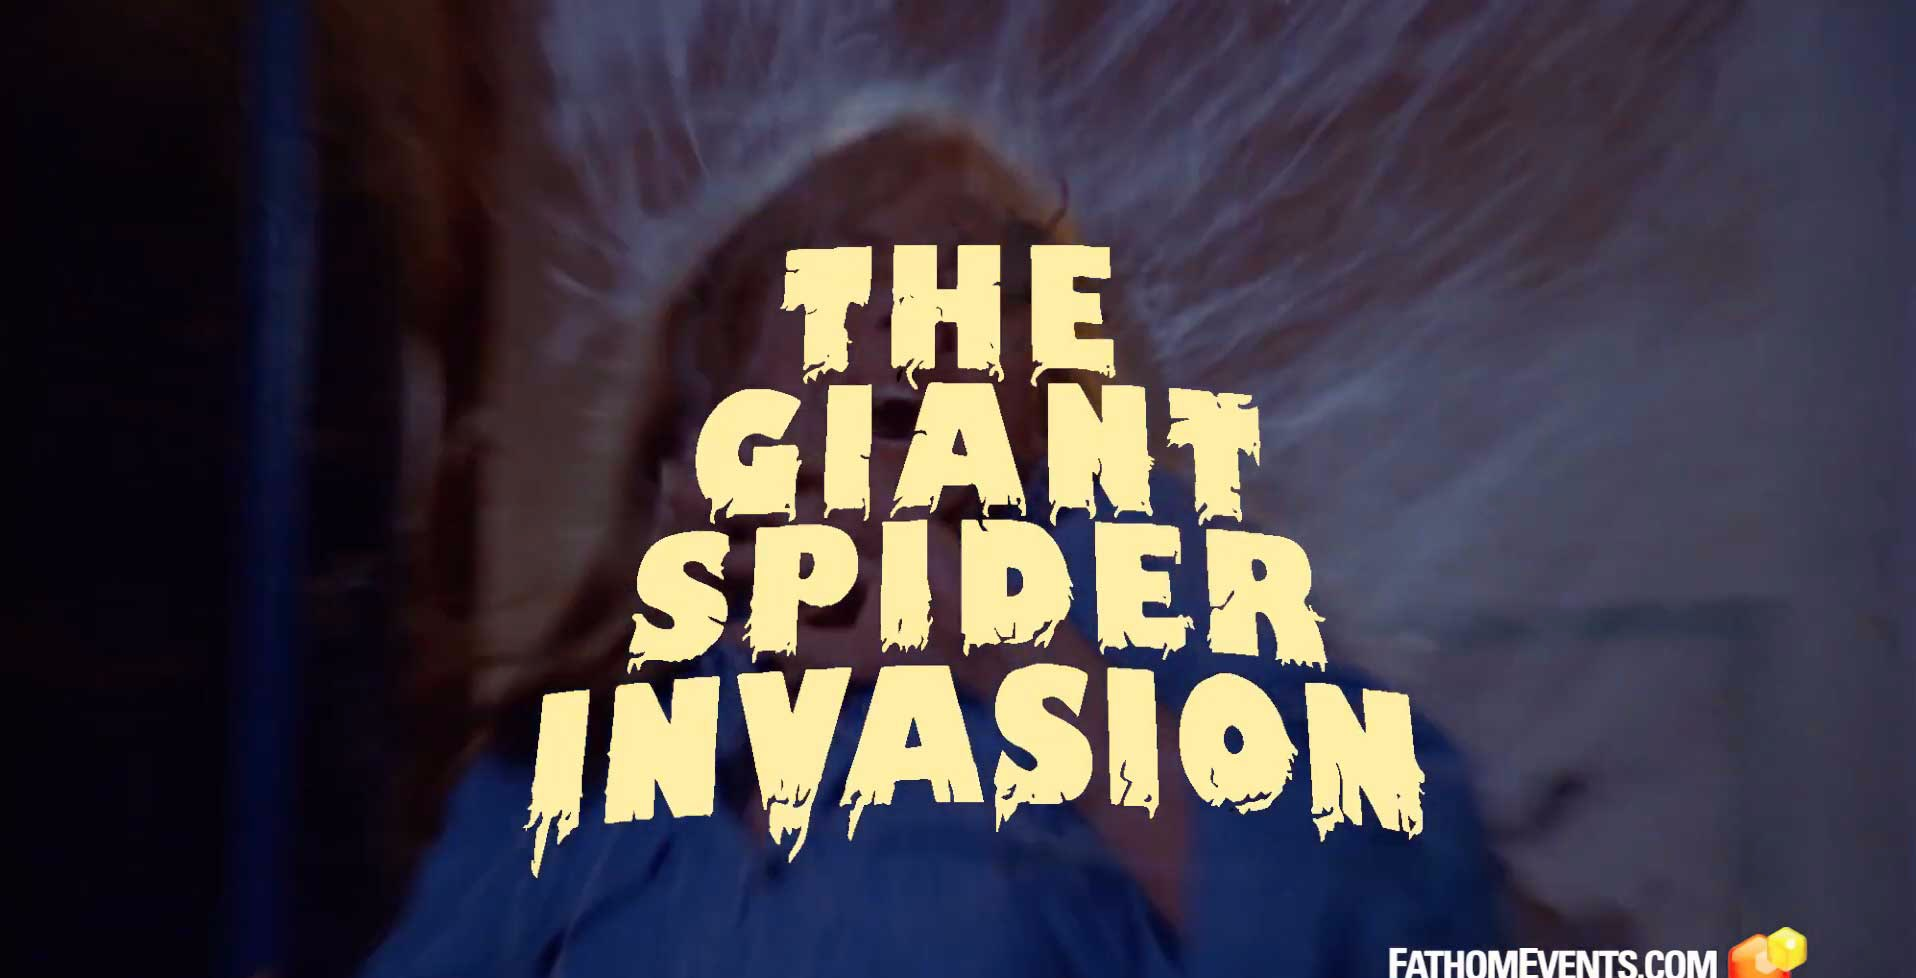 RiffTrax Live: Giant Spider Invasion